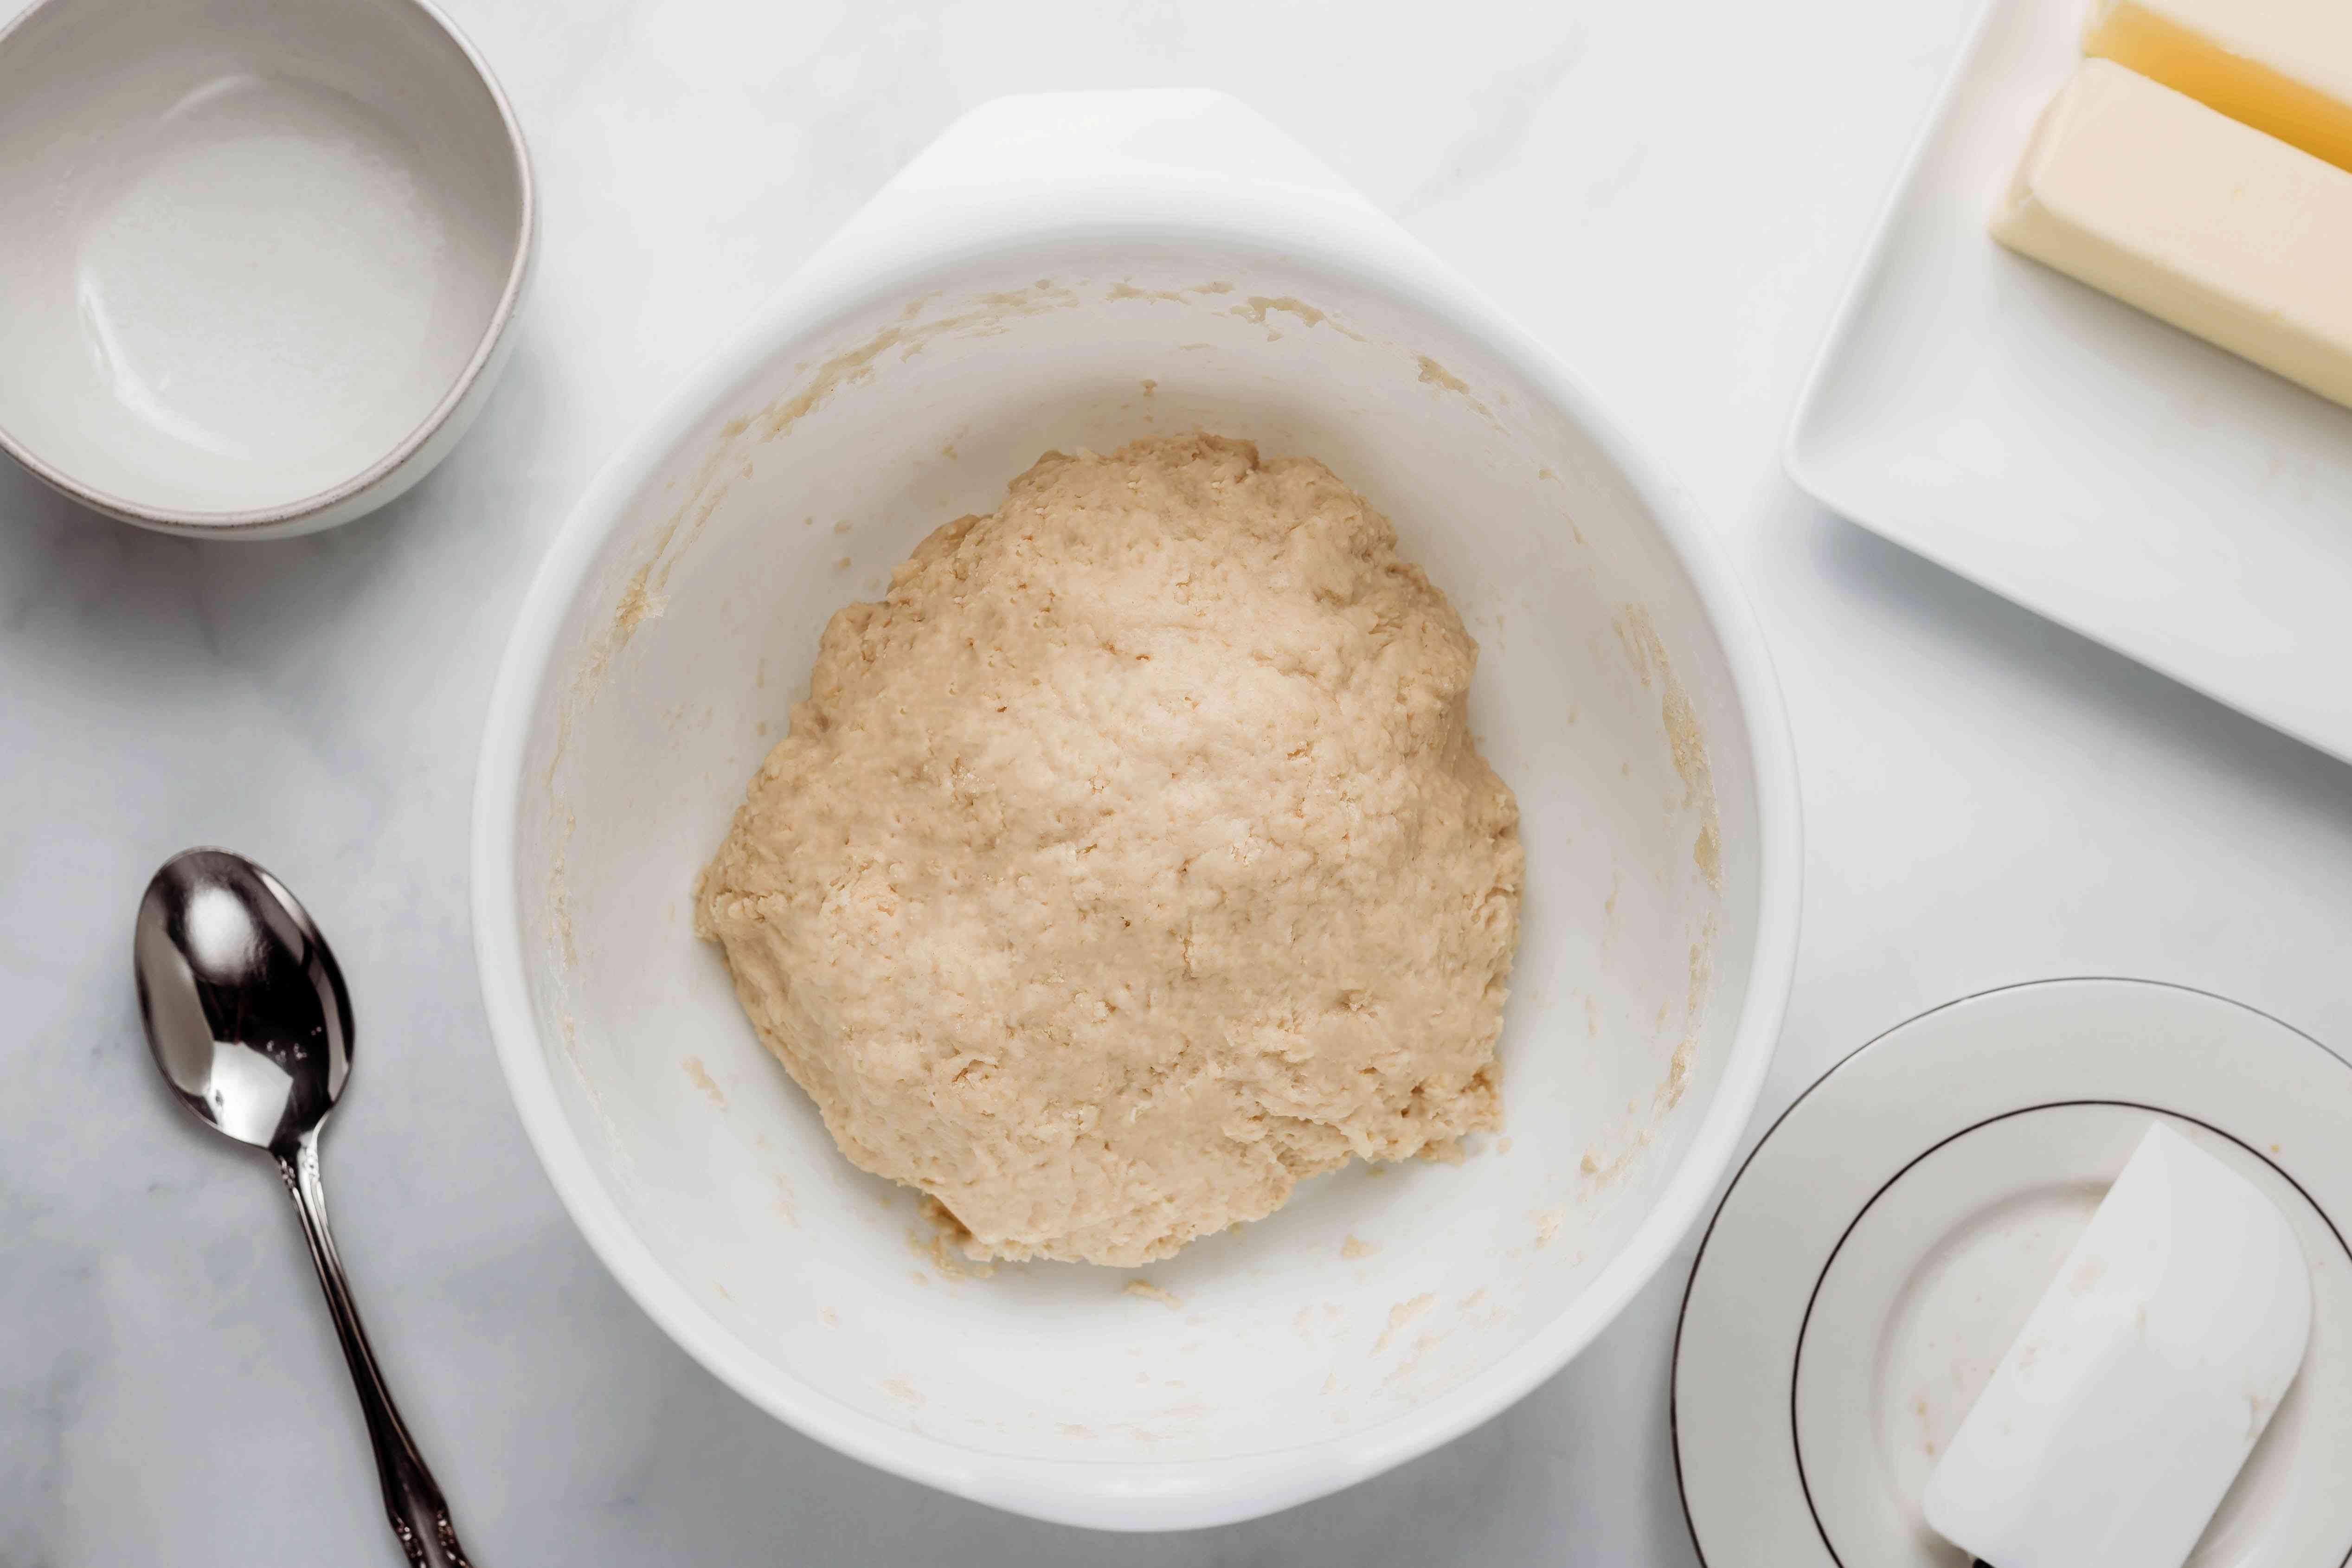 Cronut Dough in a bowl